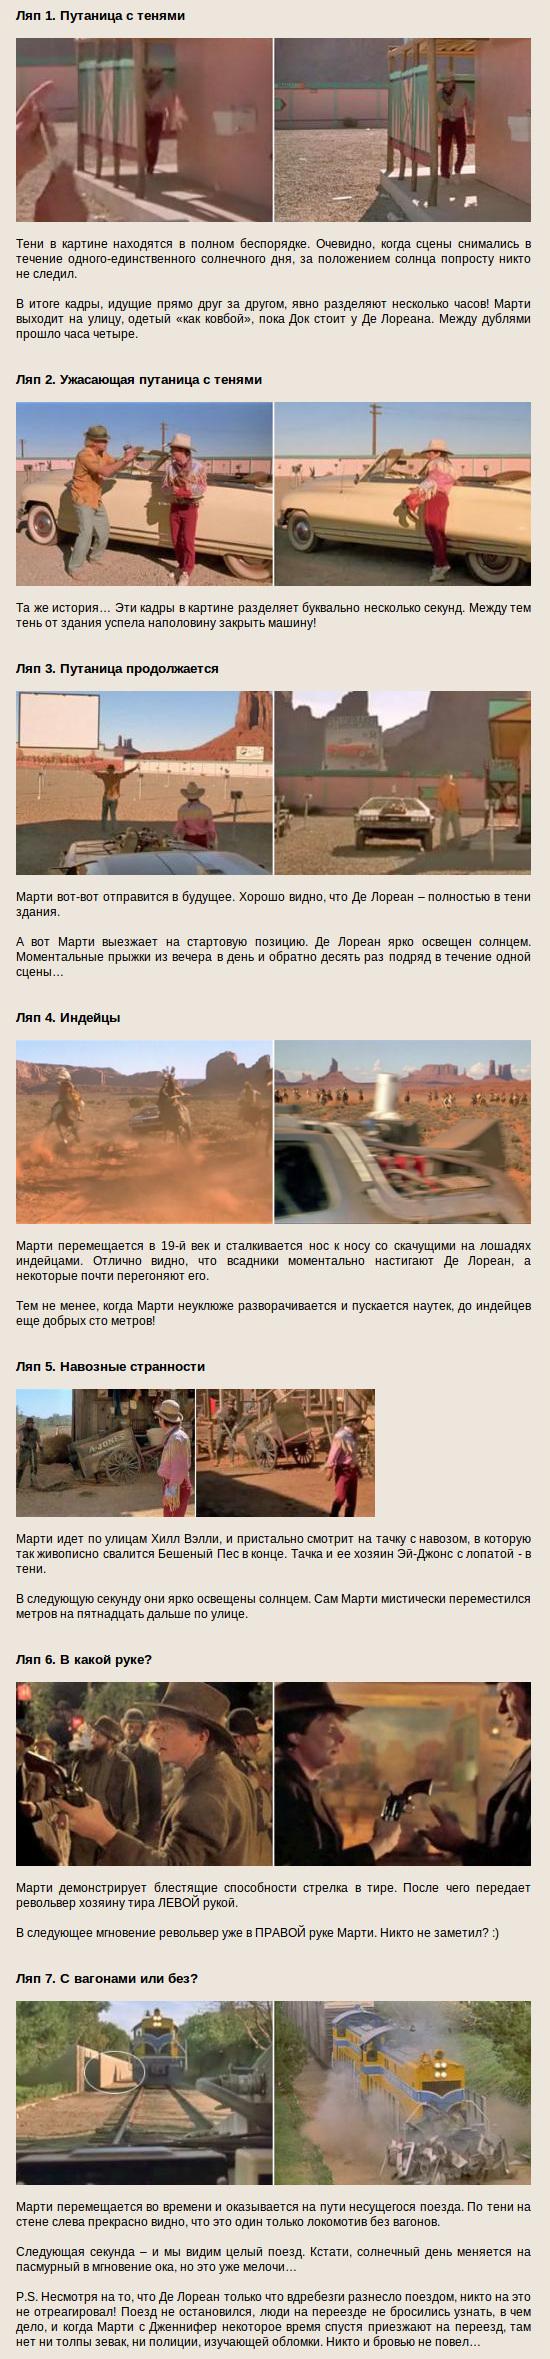 Киноляпы в фильме Назад в будущее